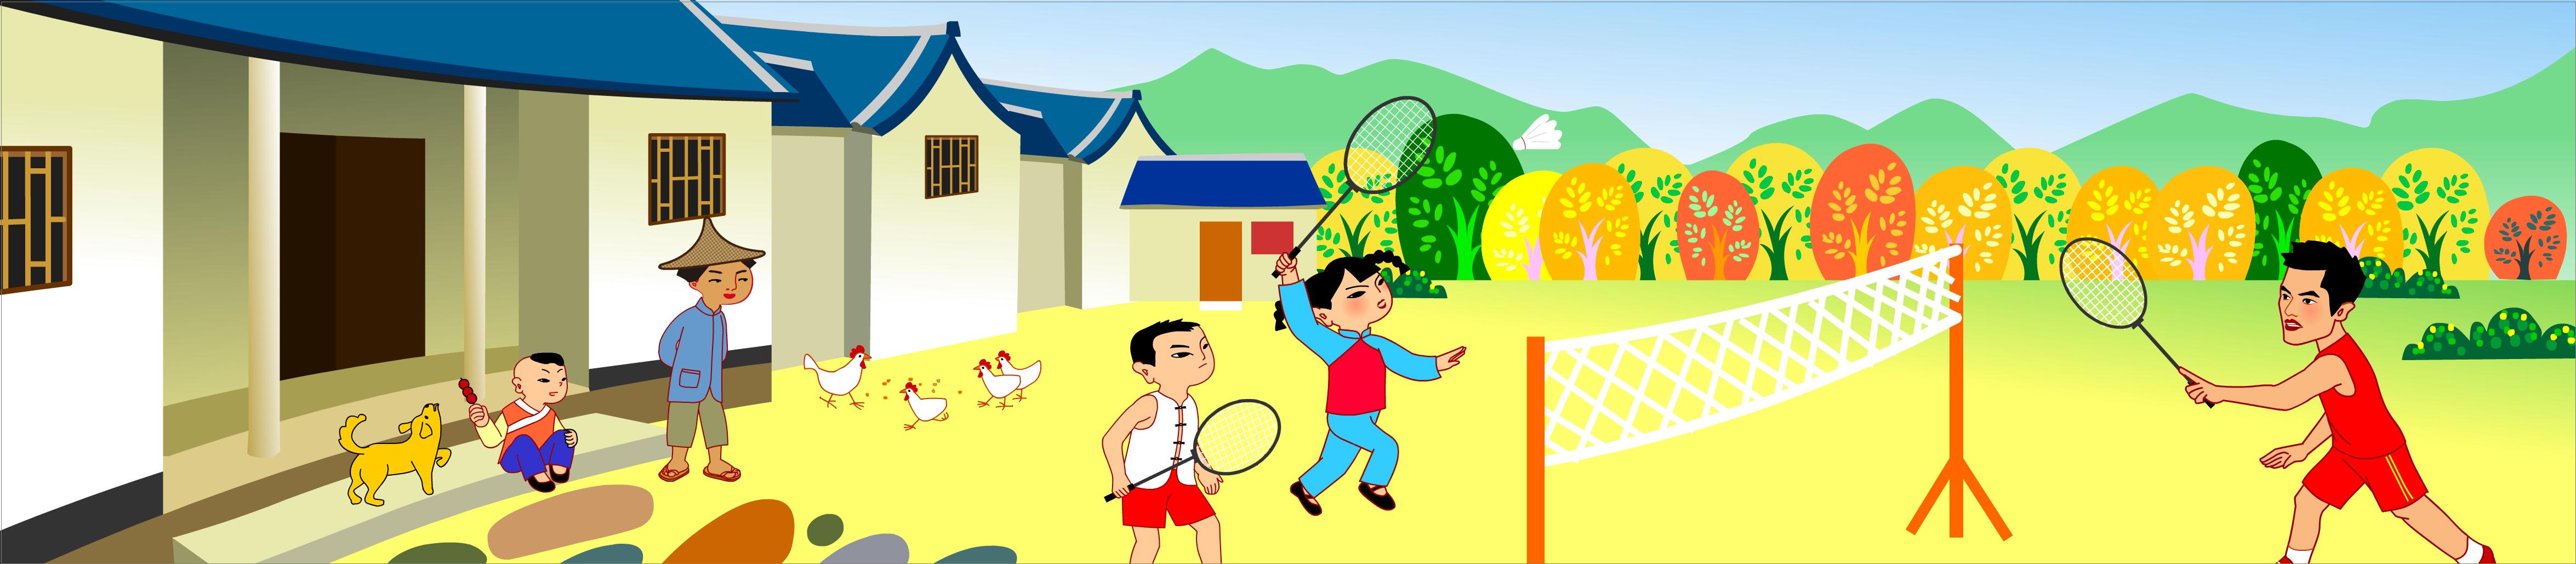 和林丹打羽毛球|动漫|单幅漫画|微设计studio - 原创